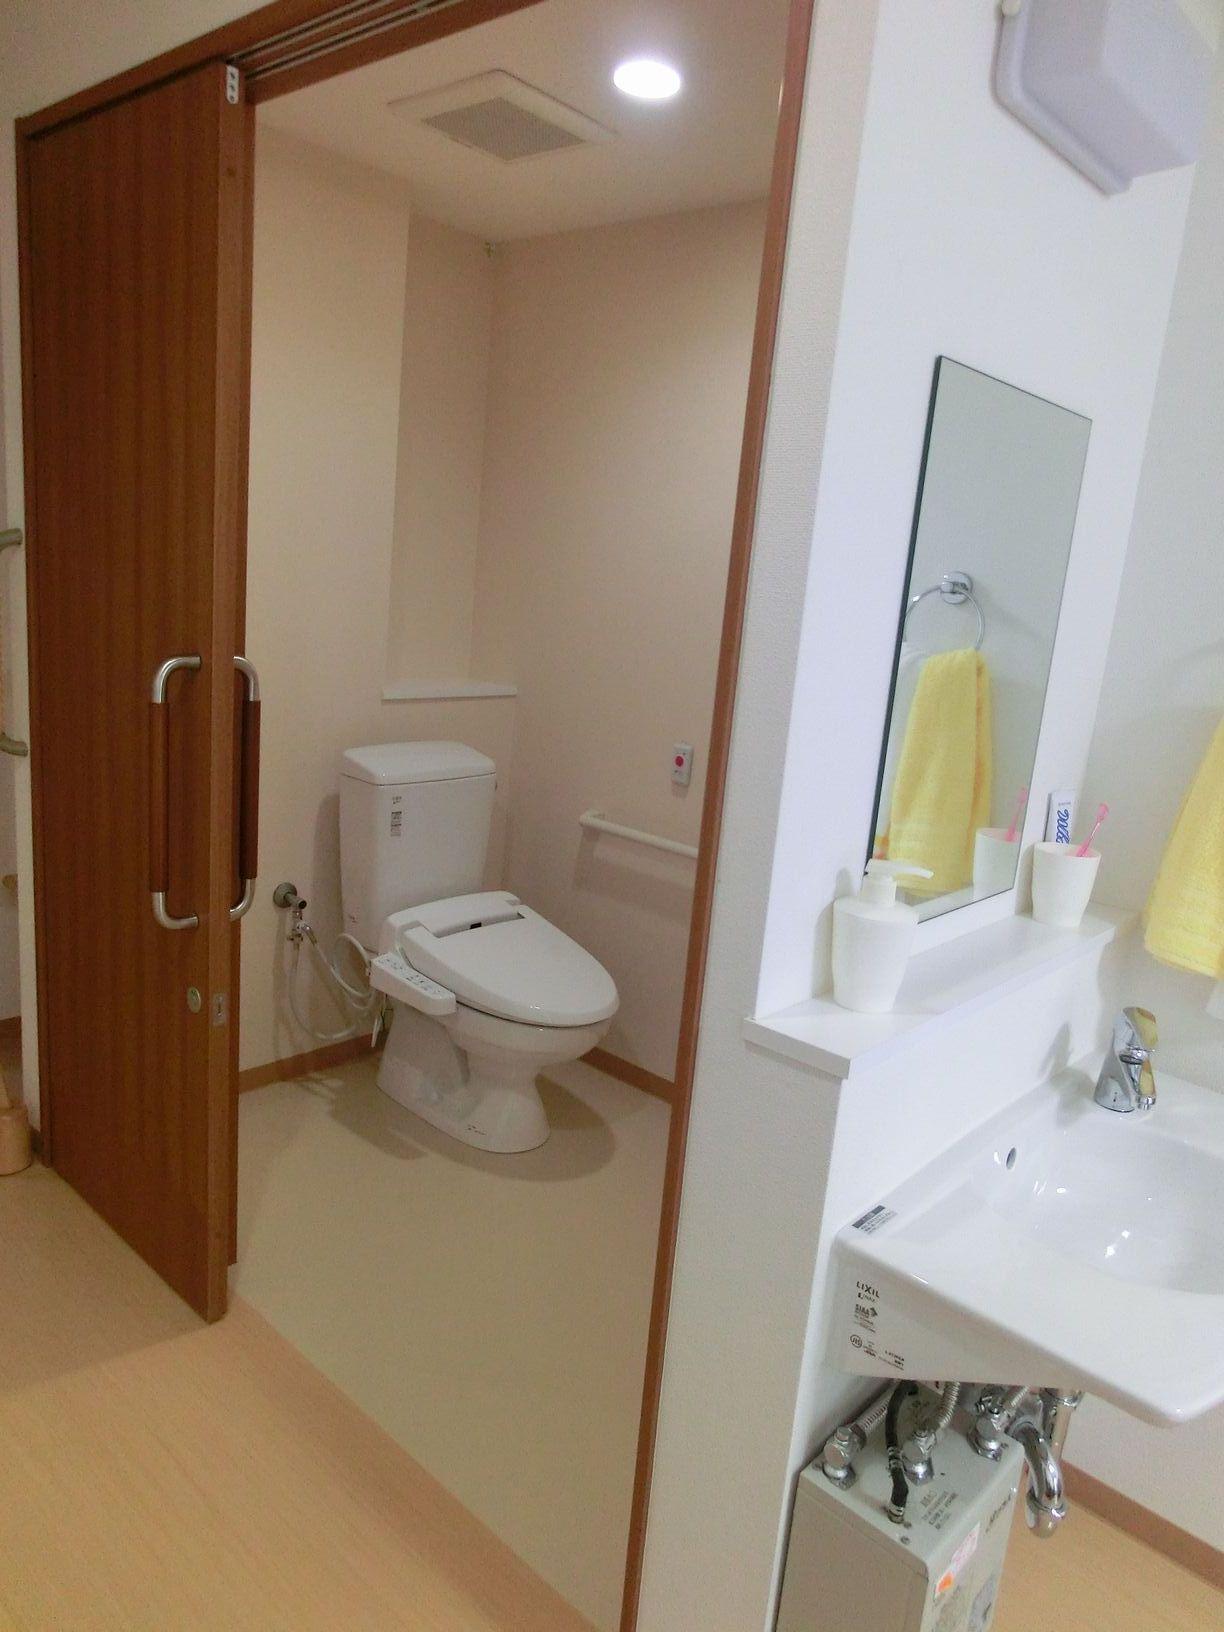 使いやすく配慮されたトイレです。